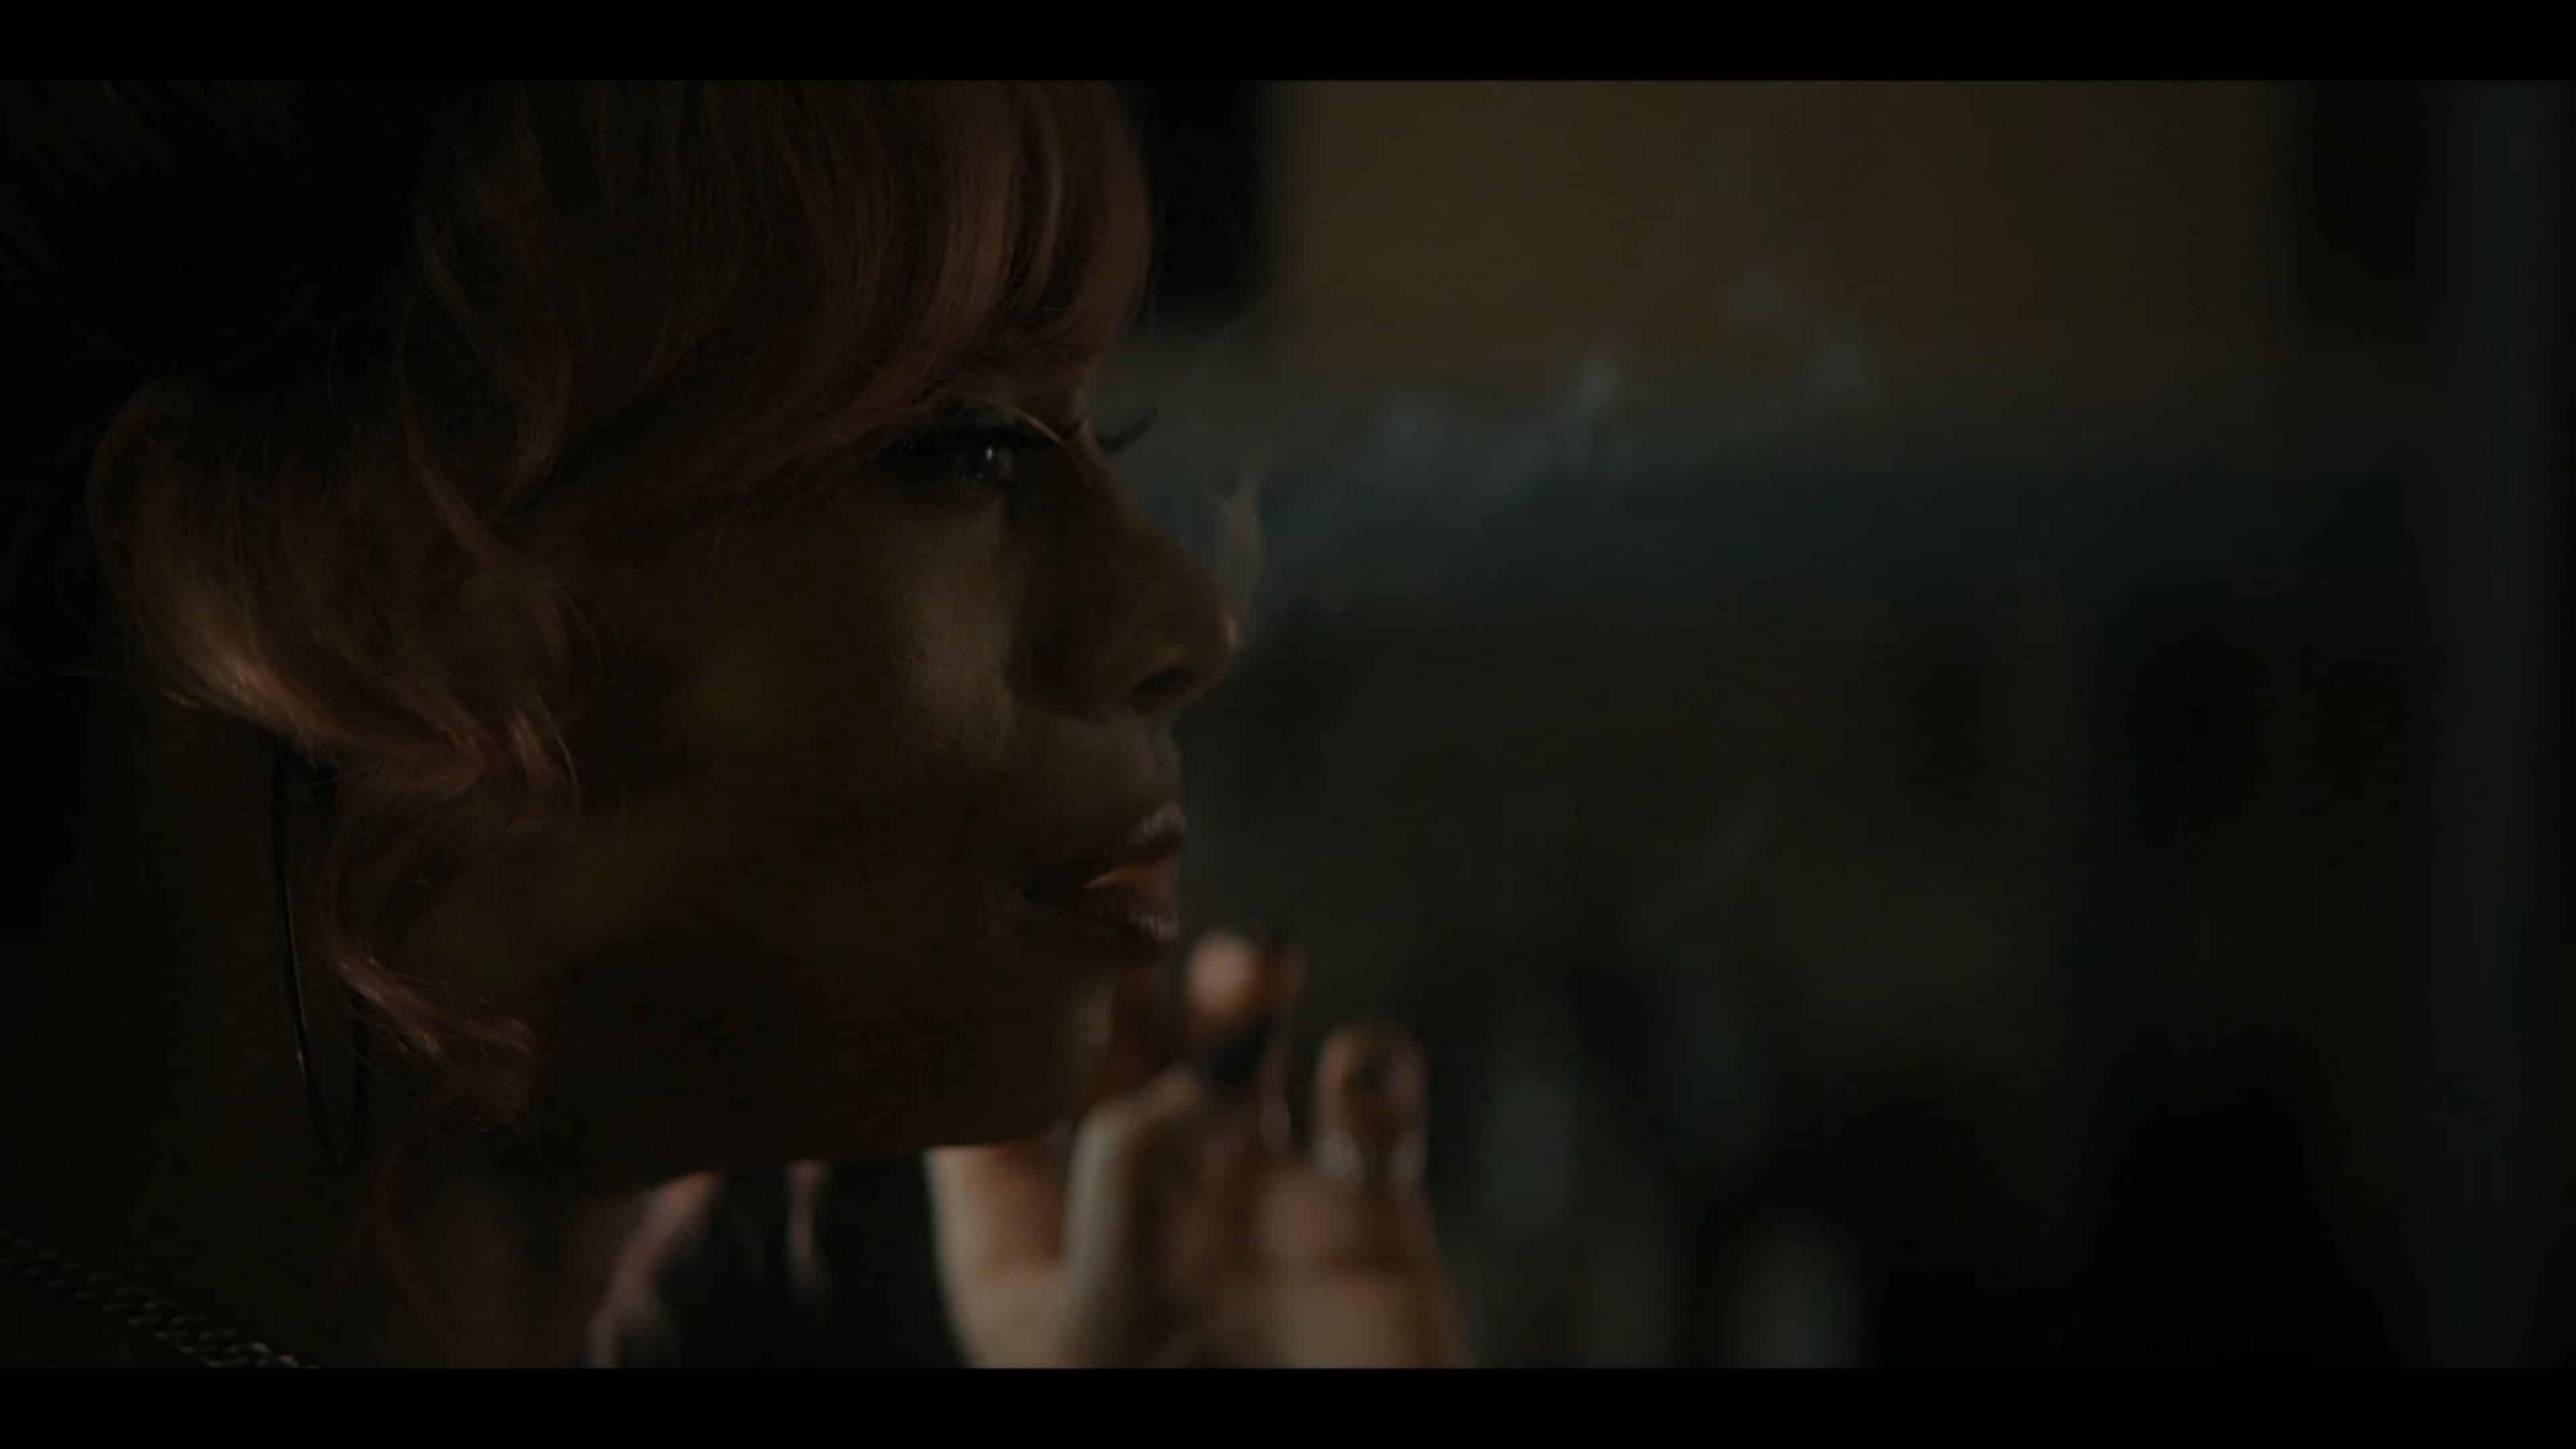 Imani having a cigarette